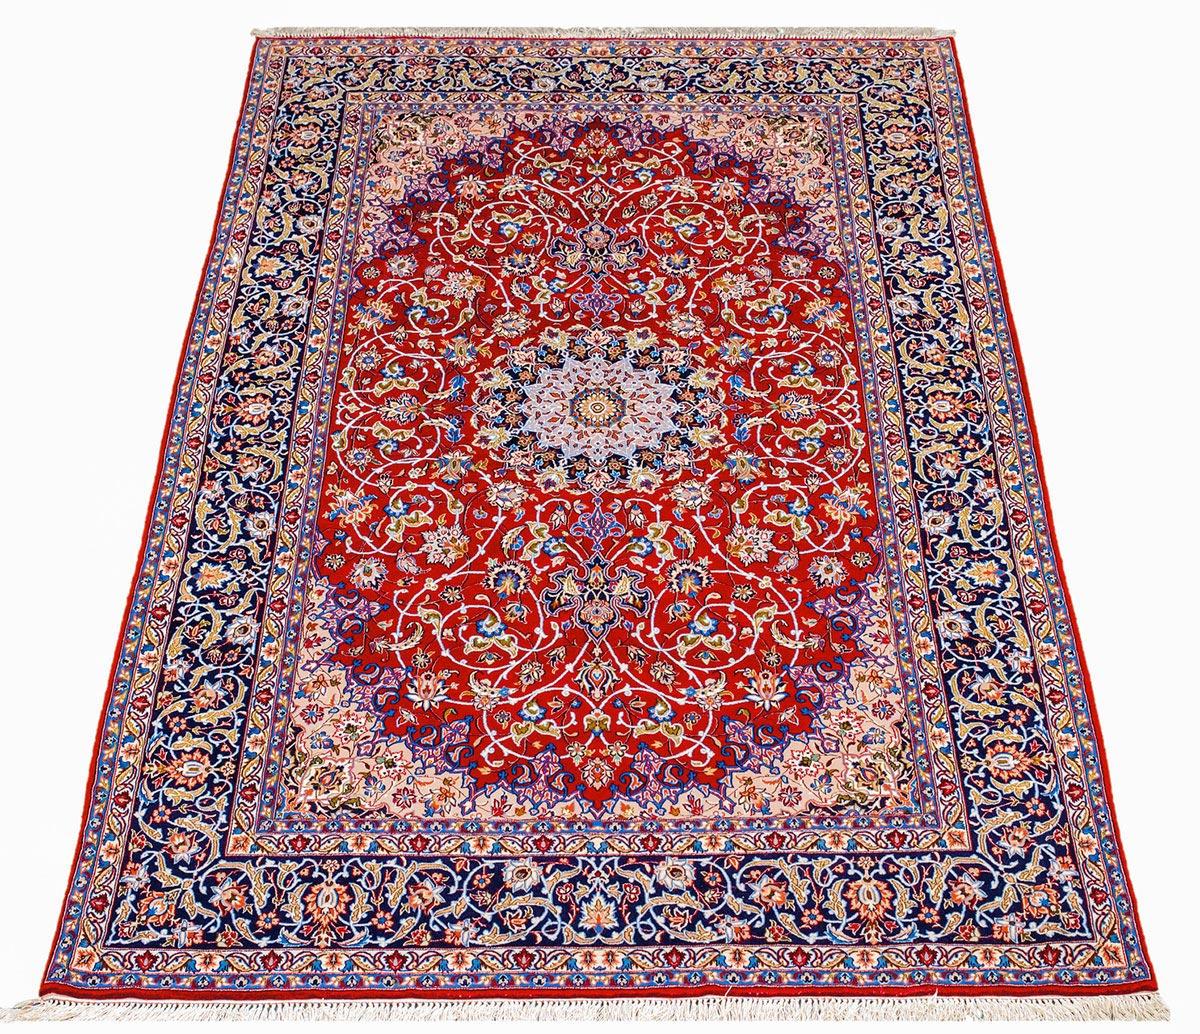 Limpieza de alfombras y tapices en tintoreria y pieles laura - Limpieza de alfombras barcelona ...